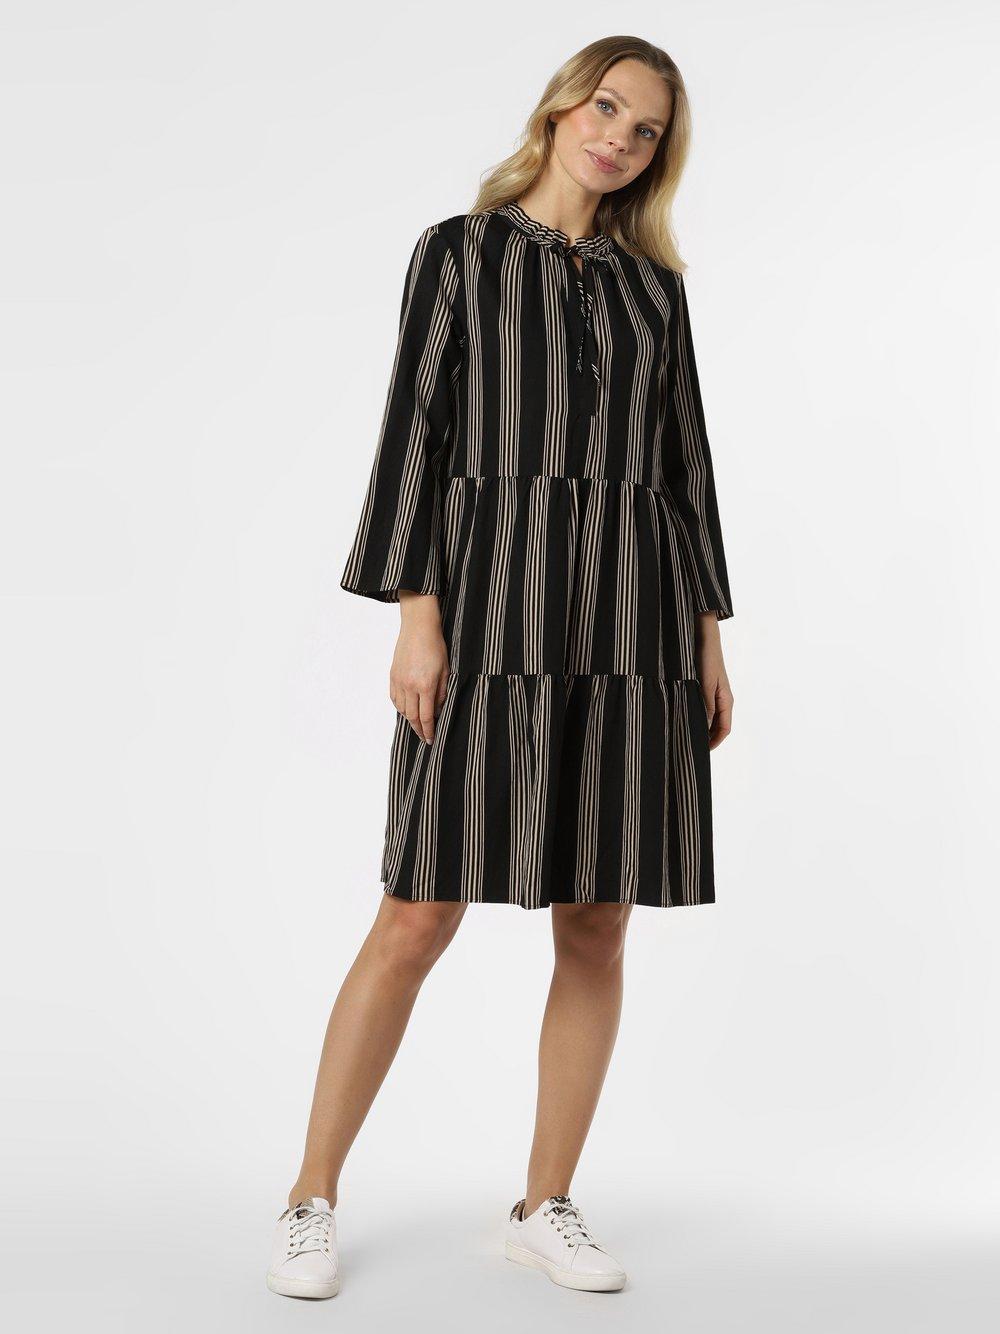 0039 Italy - Sukienka damska – Milly, czarny